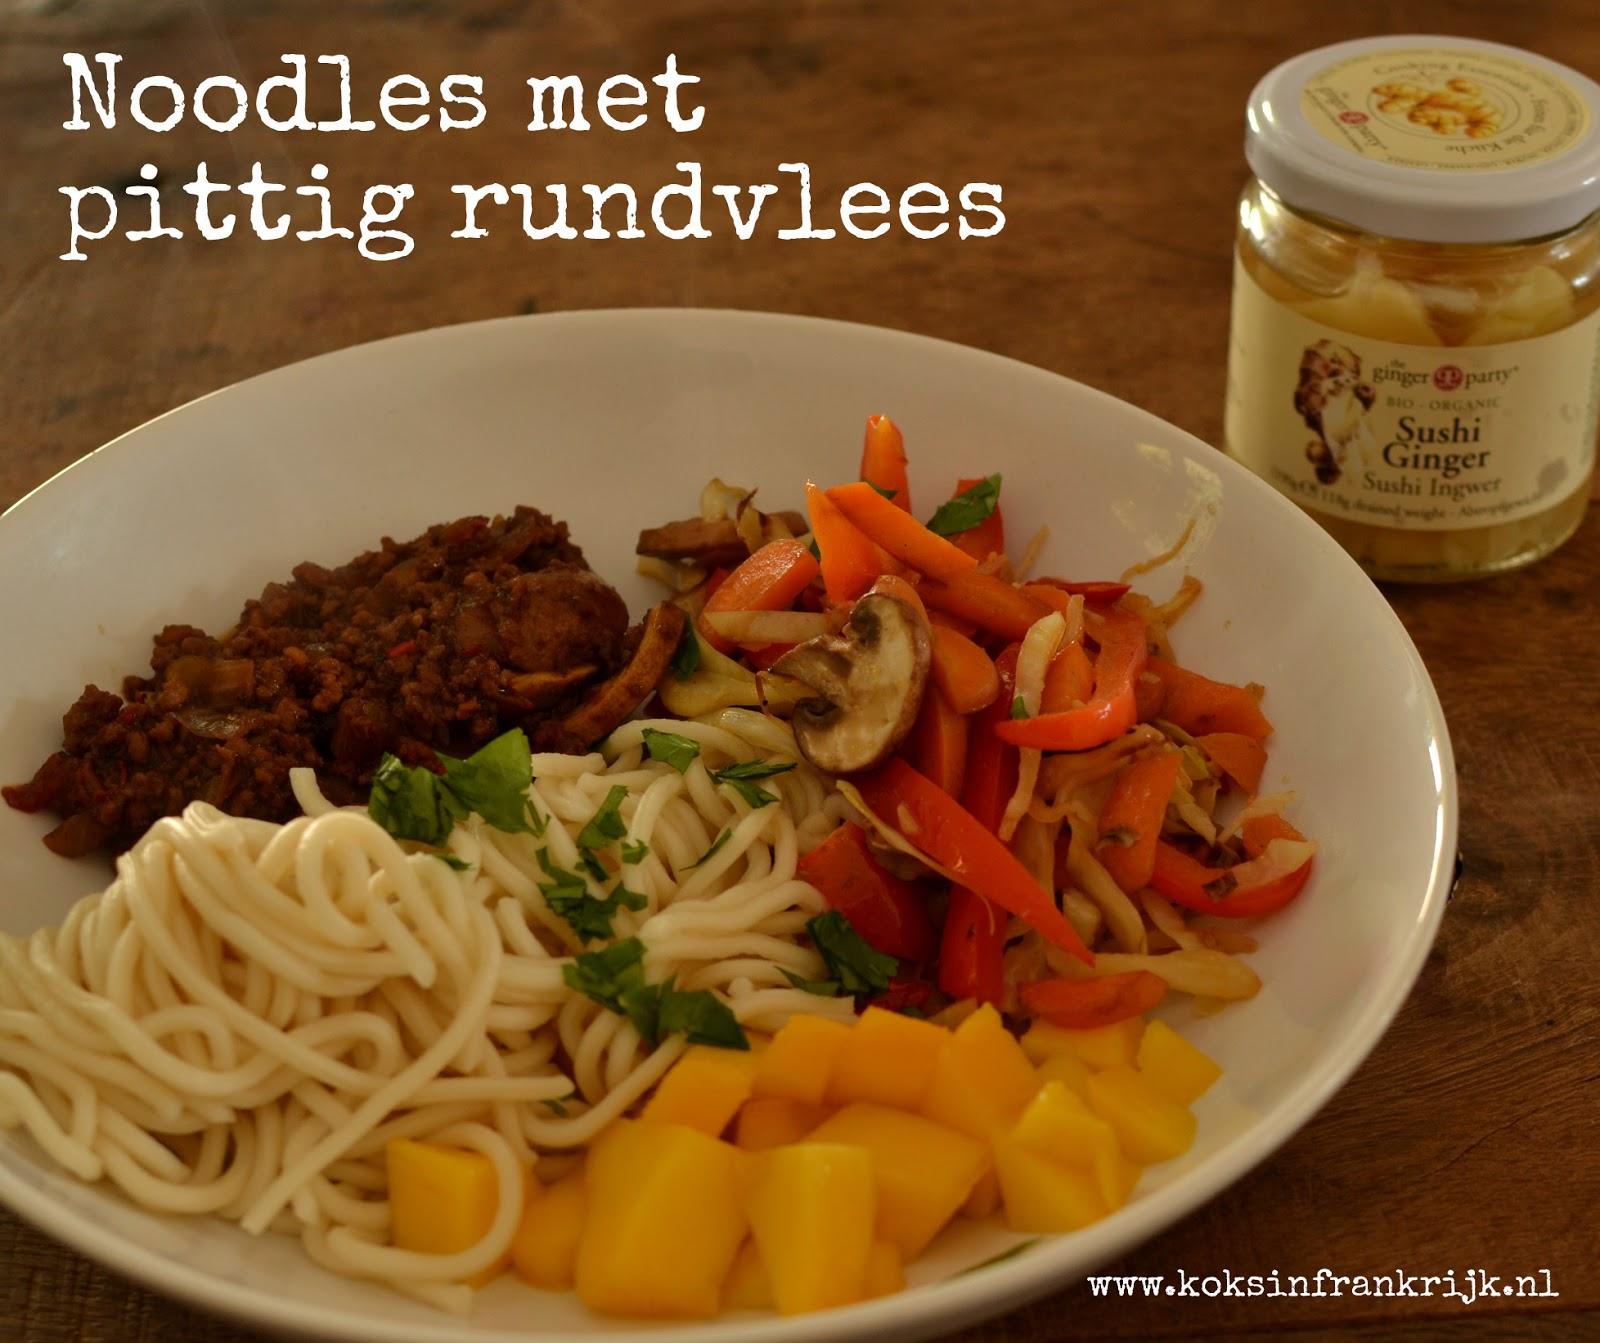 Pittig rundvlees met noodles en mango